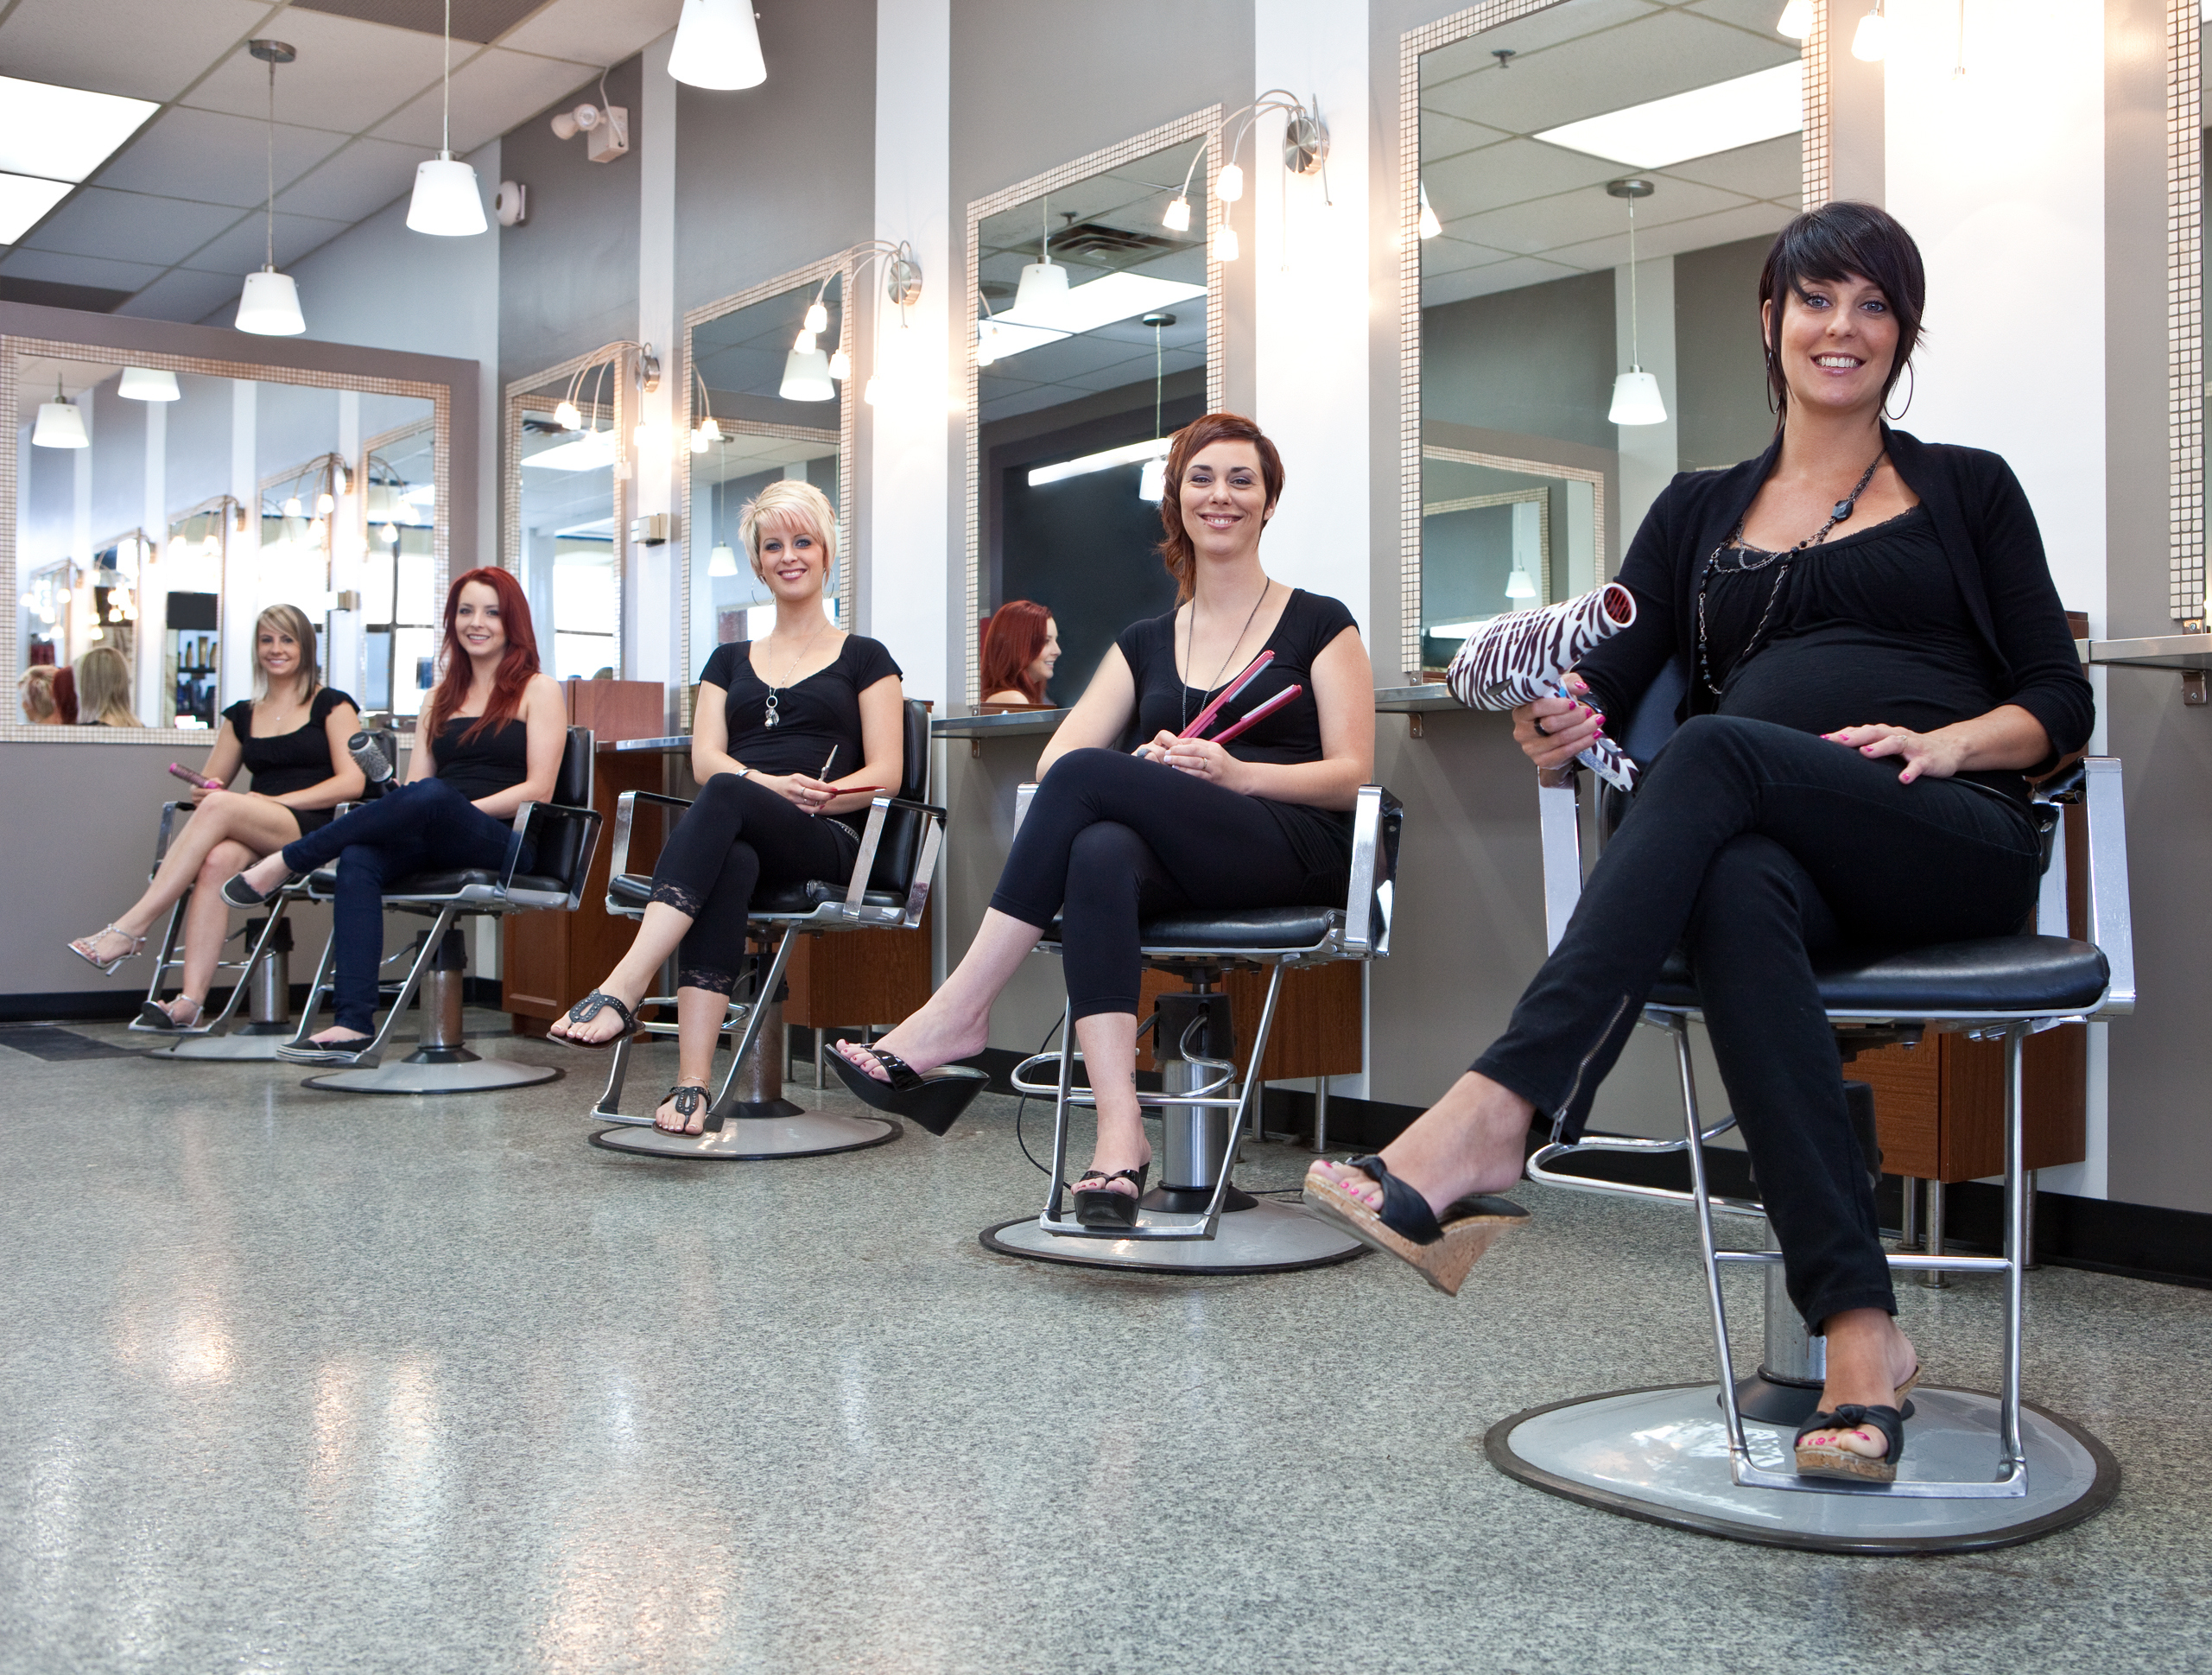 Team of hair stylists at a beauty salon urszula and - Stylistics hair salon ...